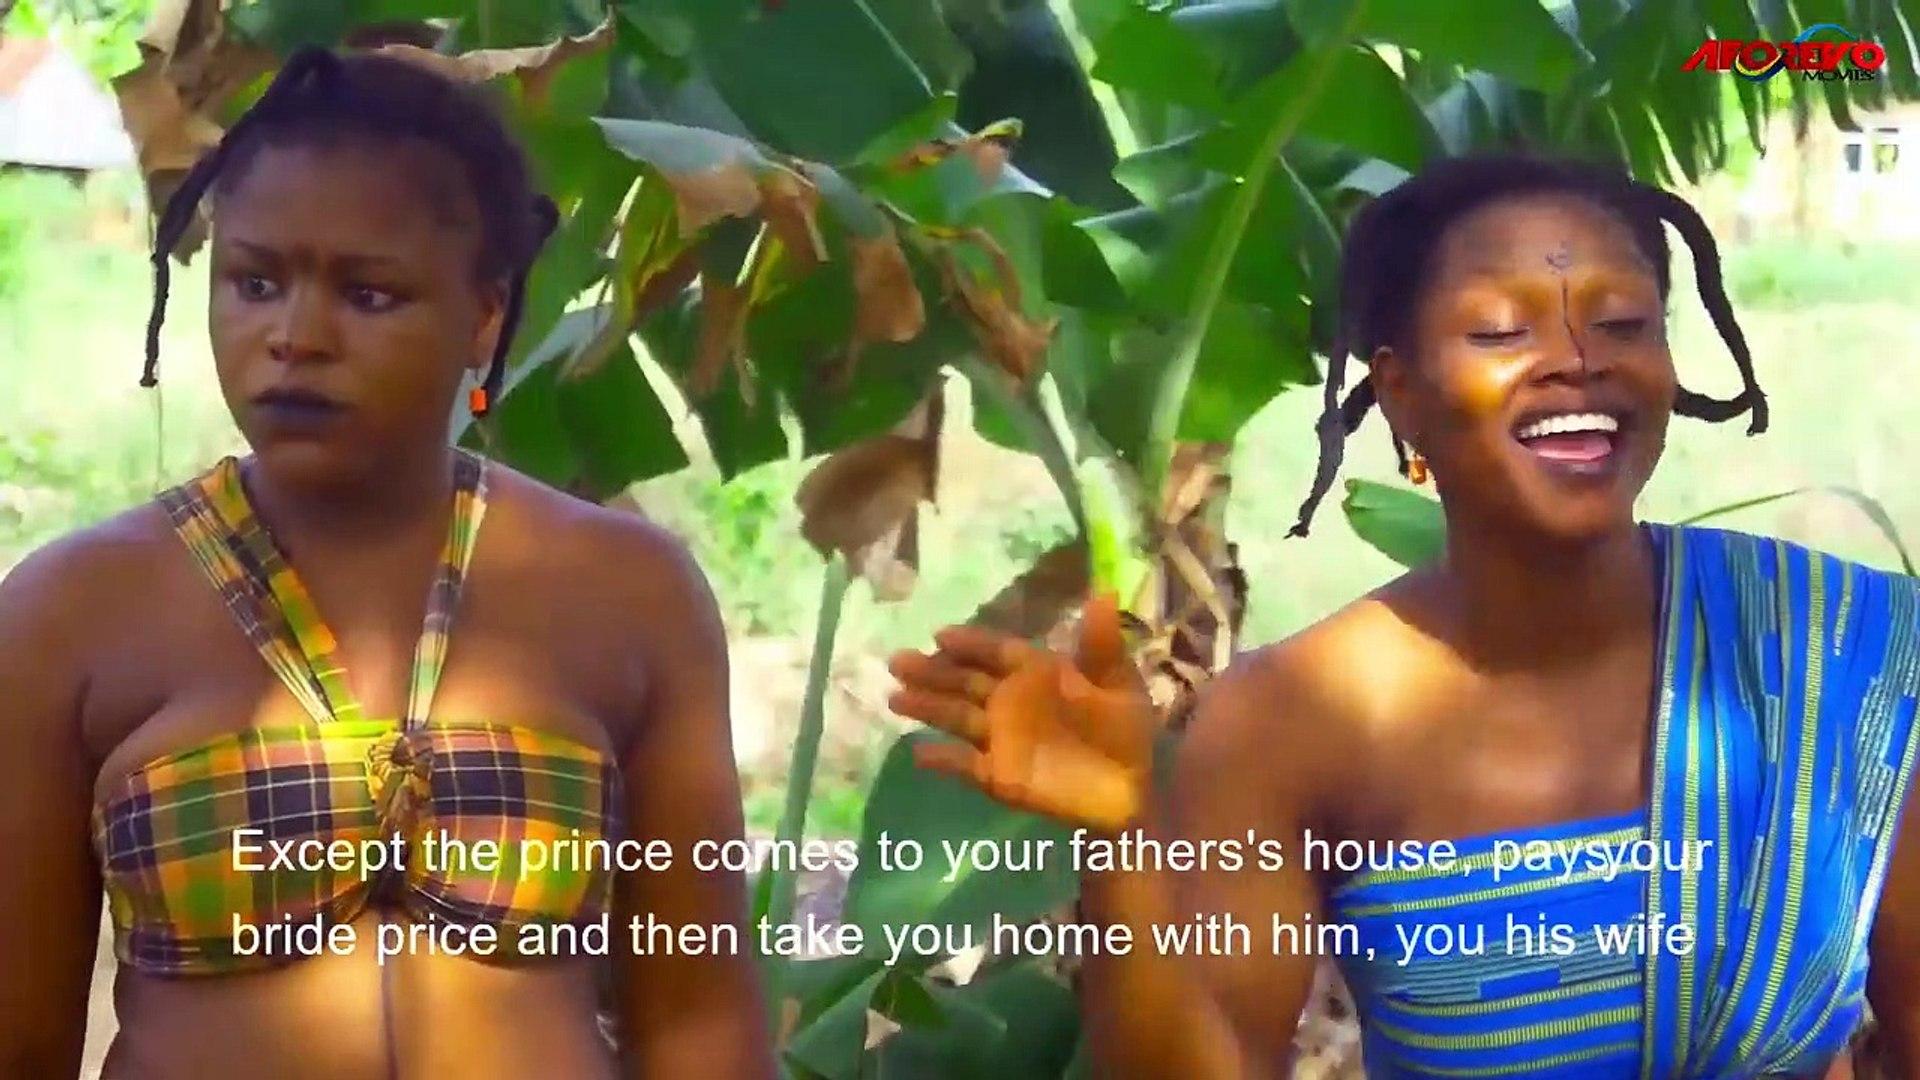 AKWAUGO THE BEAUTIFUL PRINCESS